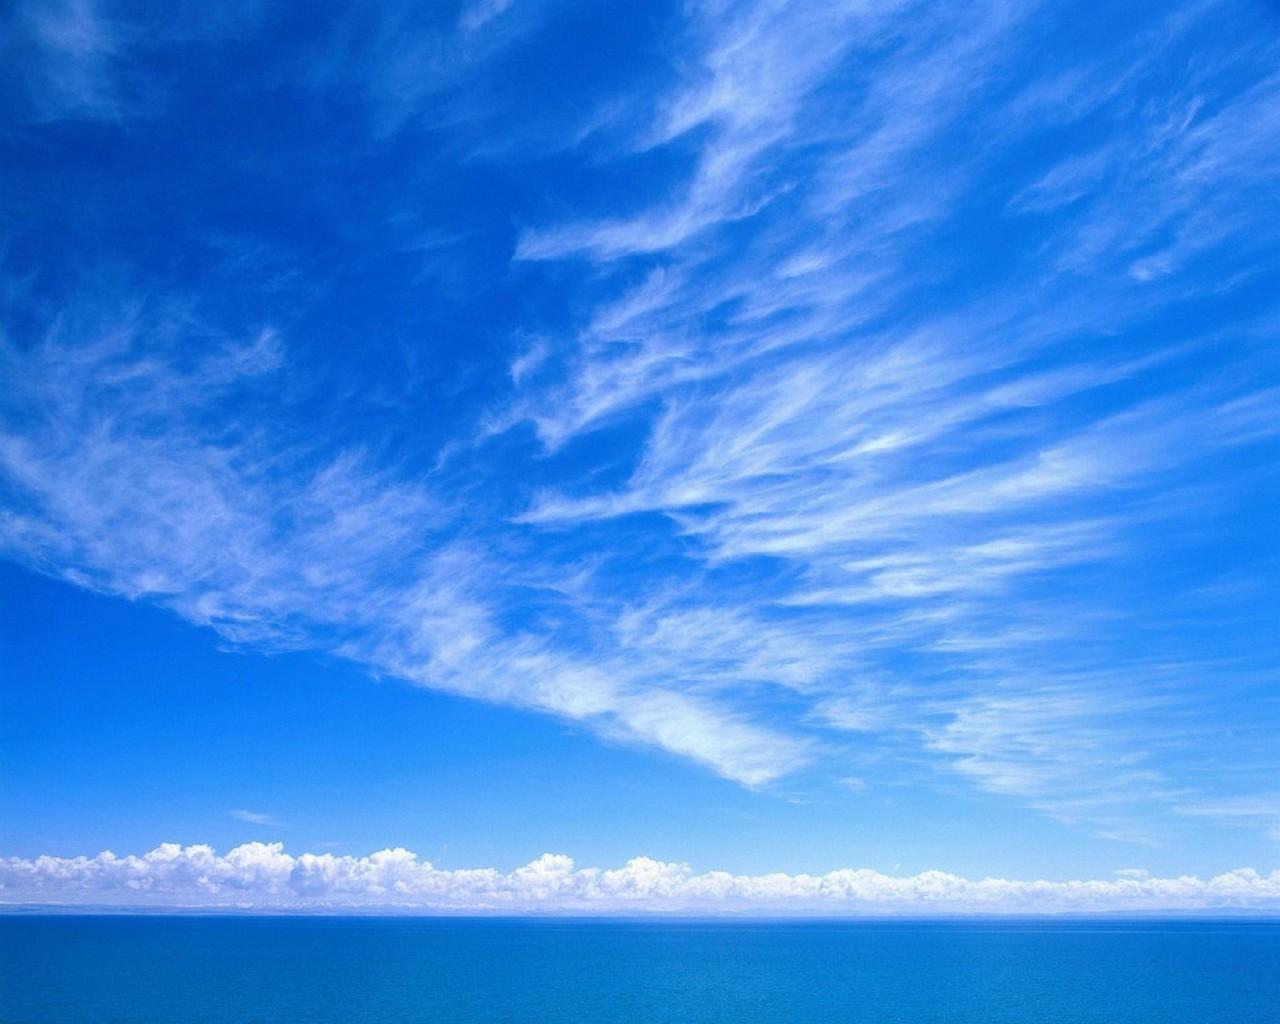 3403-nuages-et-ocean-viaa